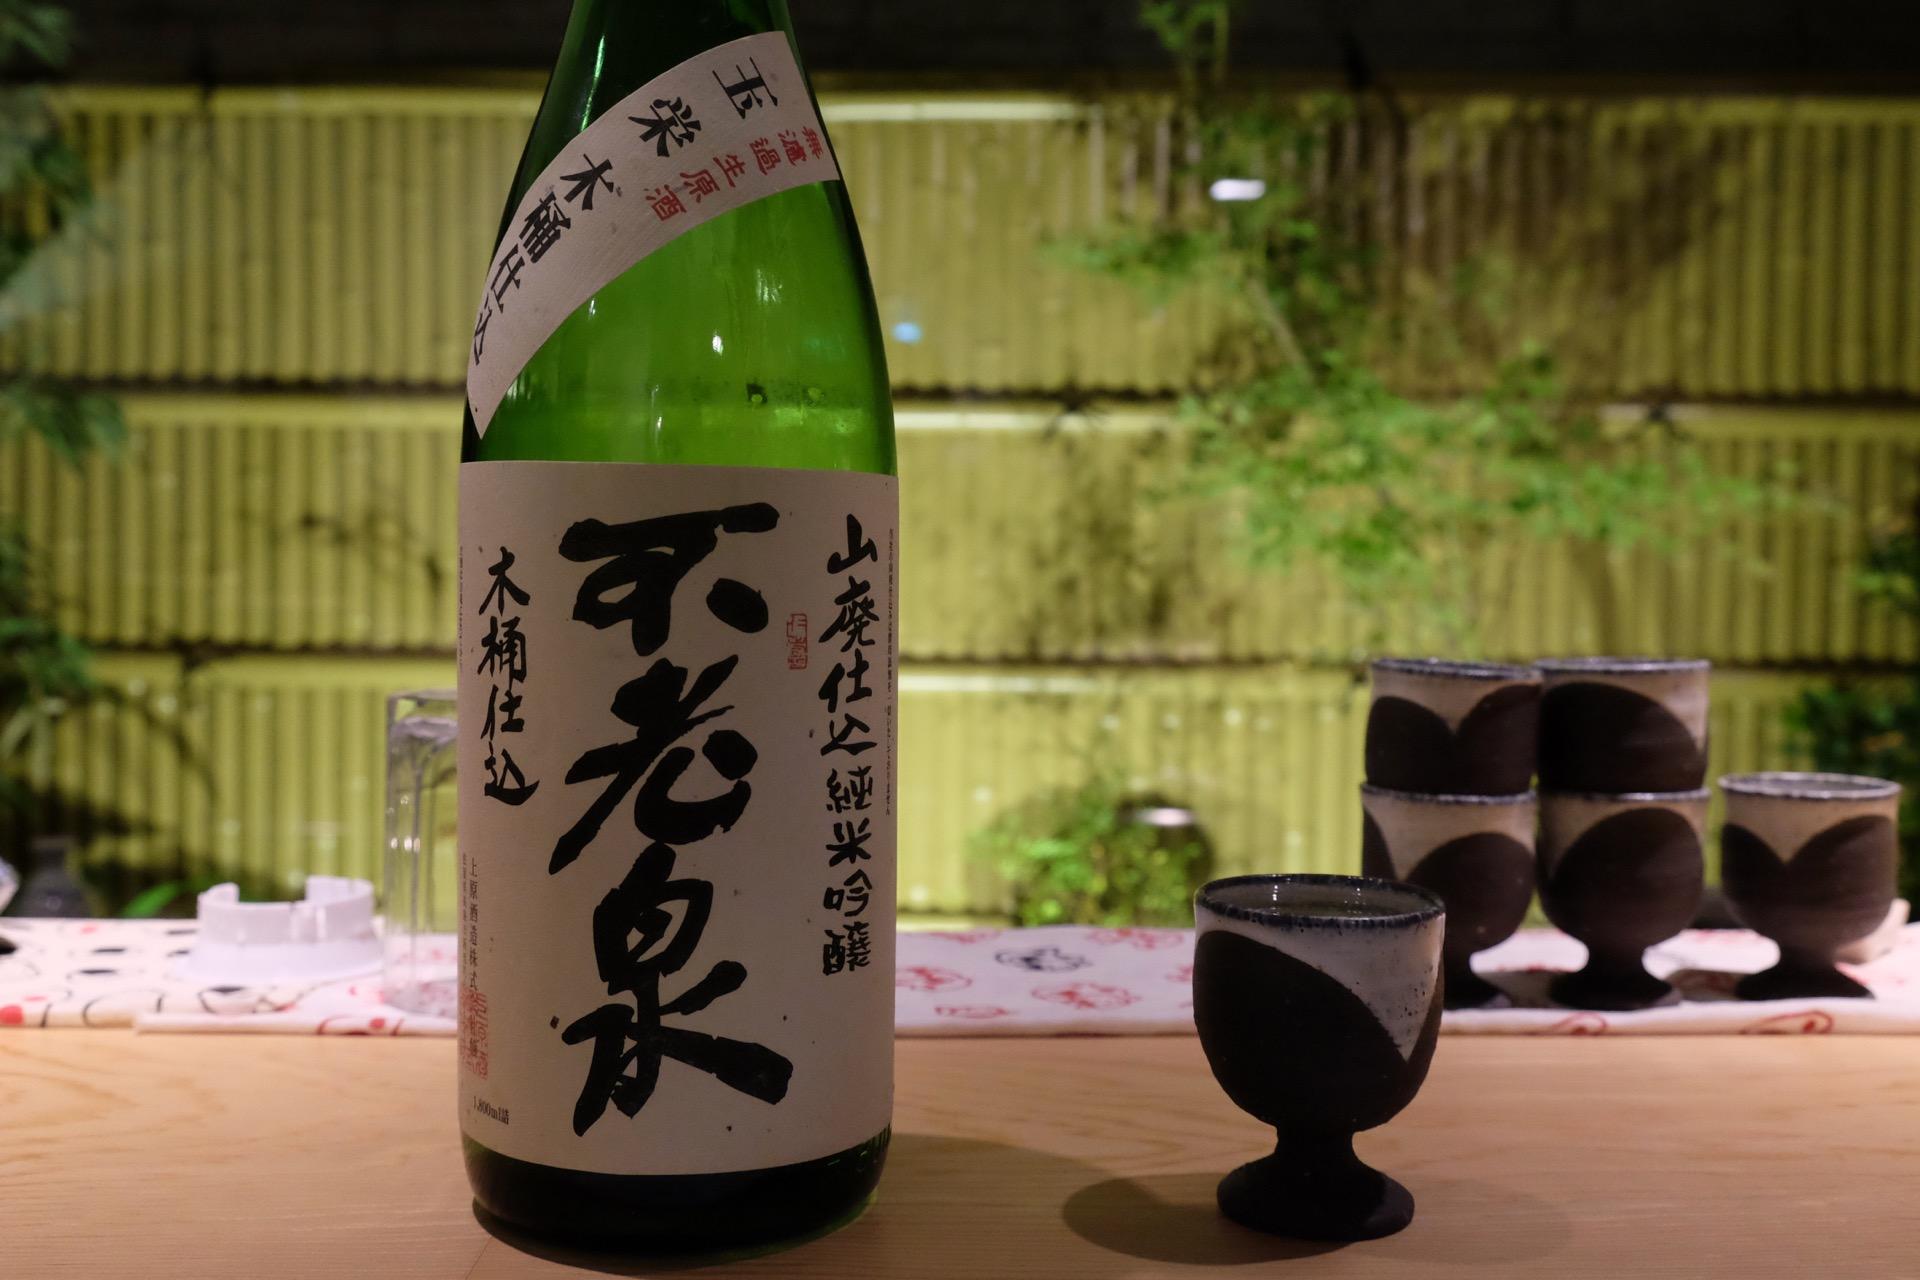 不老泉 山廃仕込 純米吟醸 木桶仕込 玉栄 無濾過生原酒|日本酒テイスティングノート